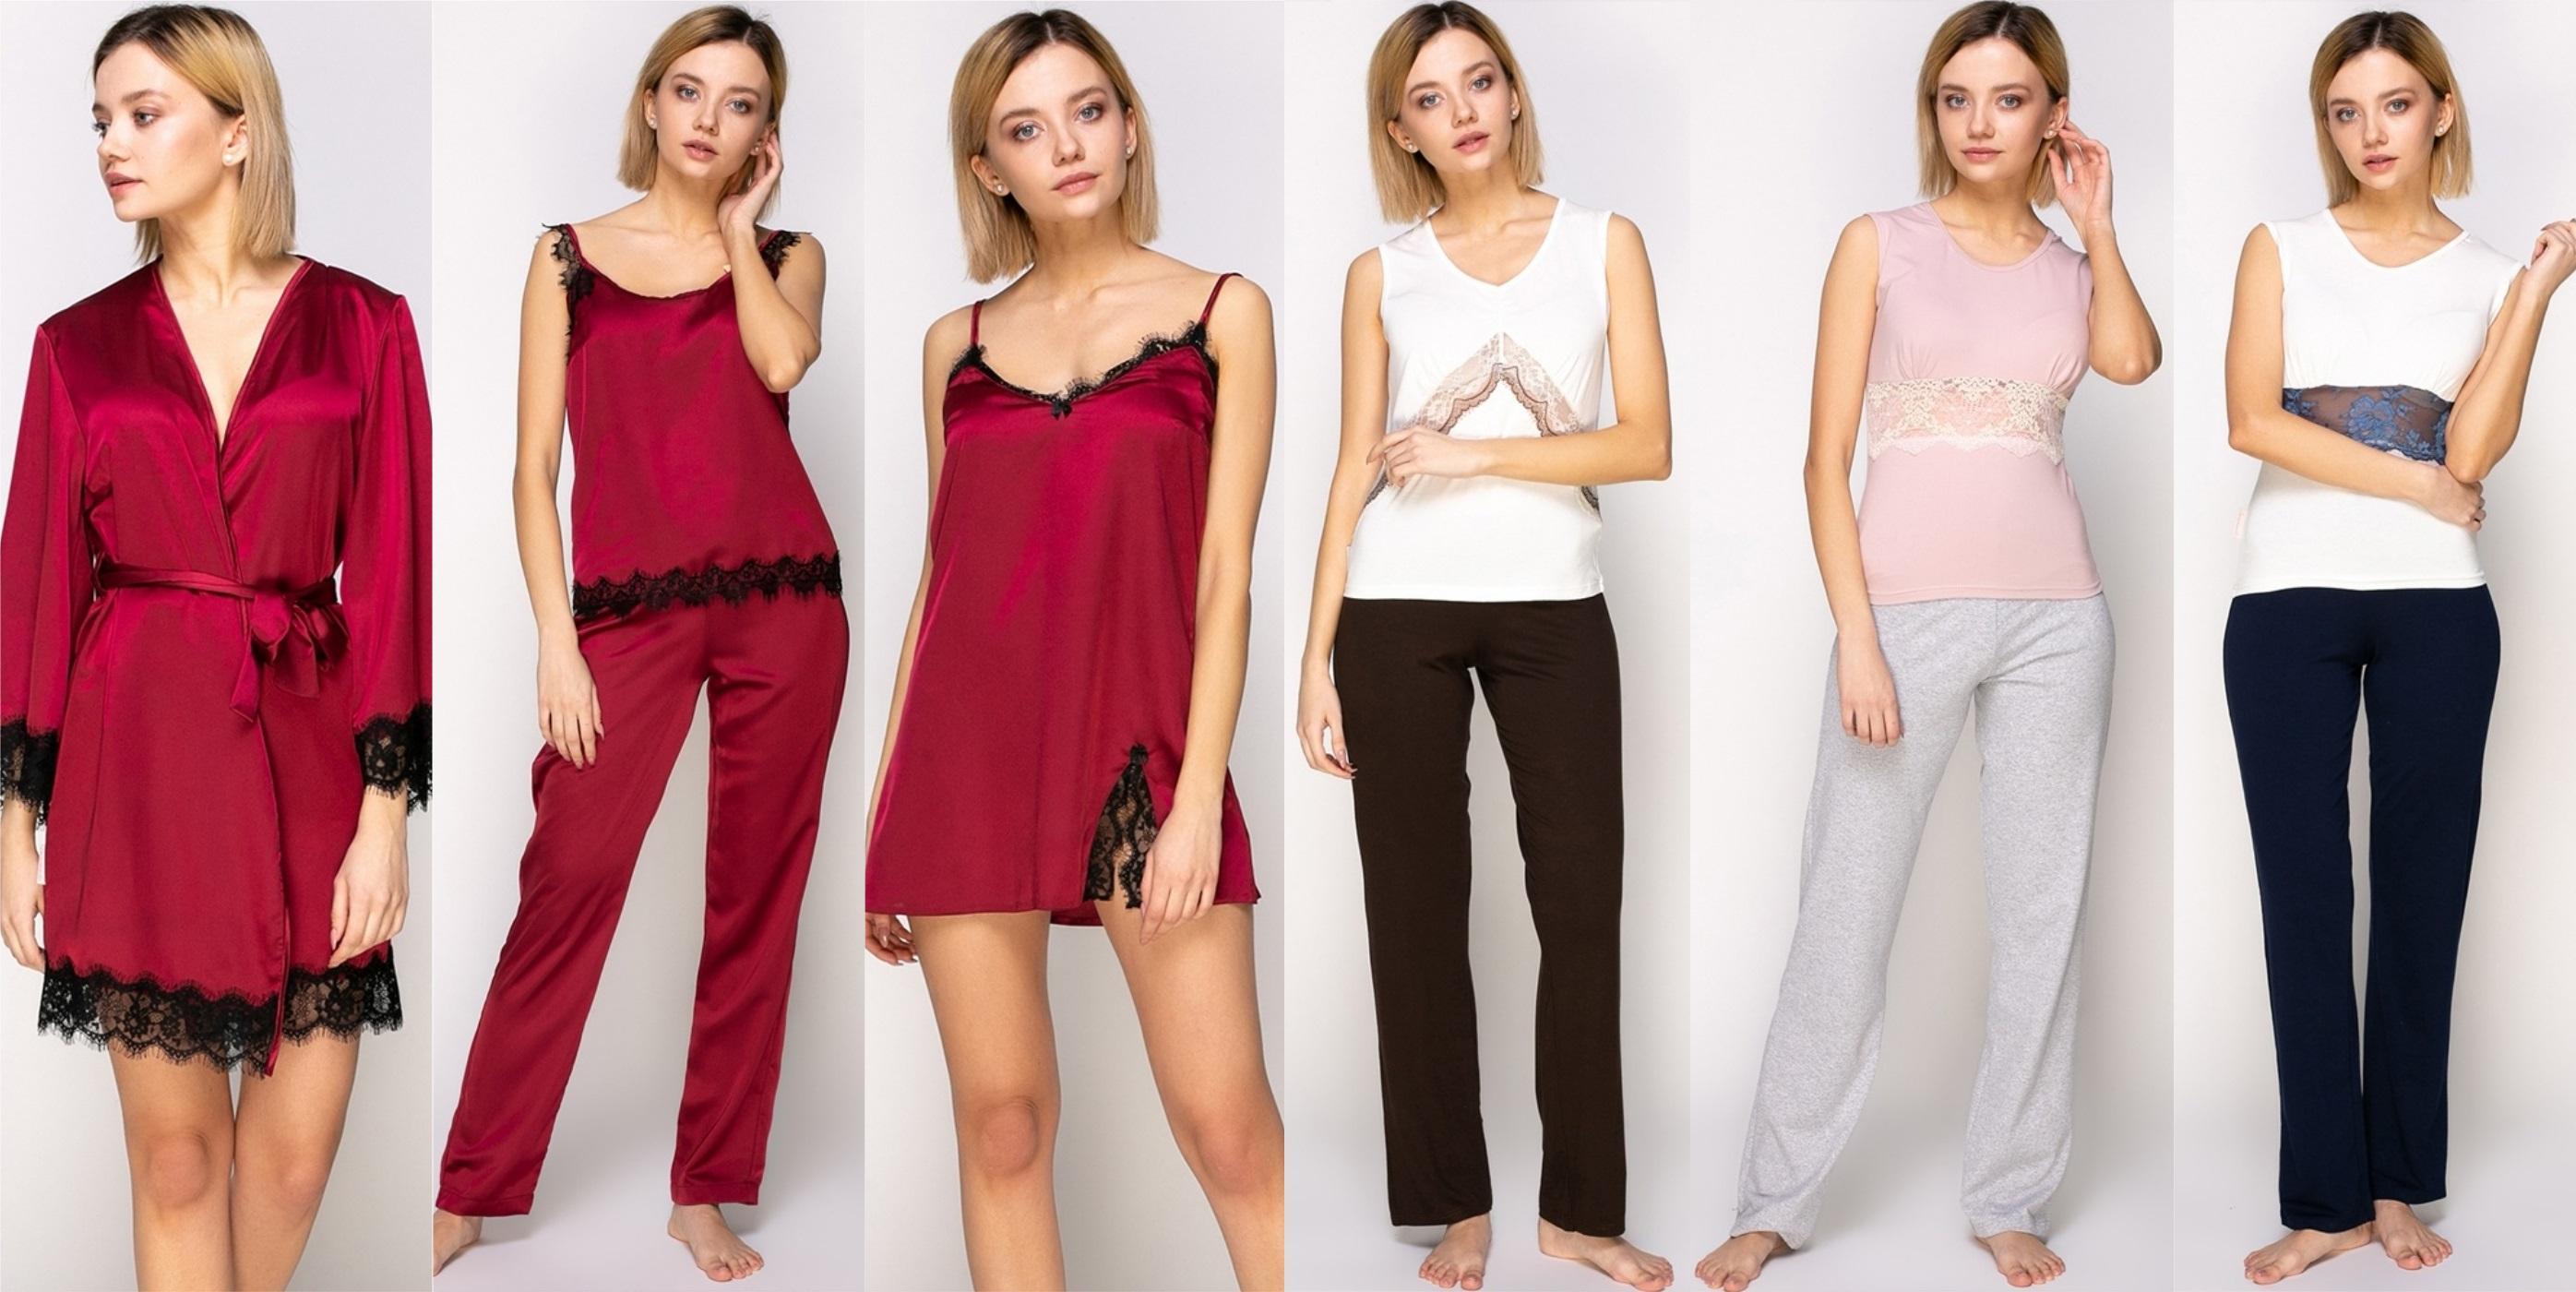 Халат, ночная сорочка, пижамы женские Serenade купить